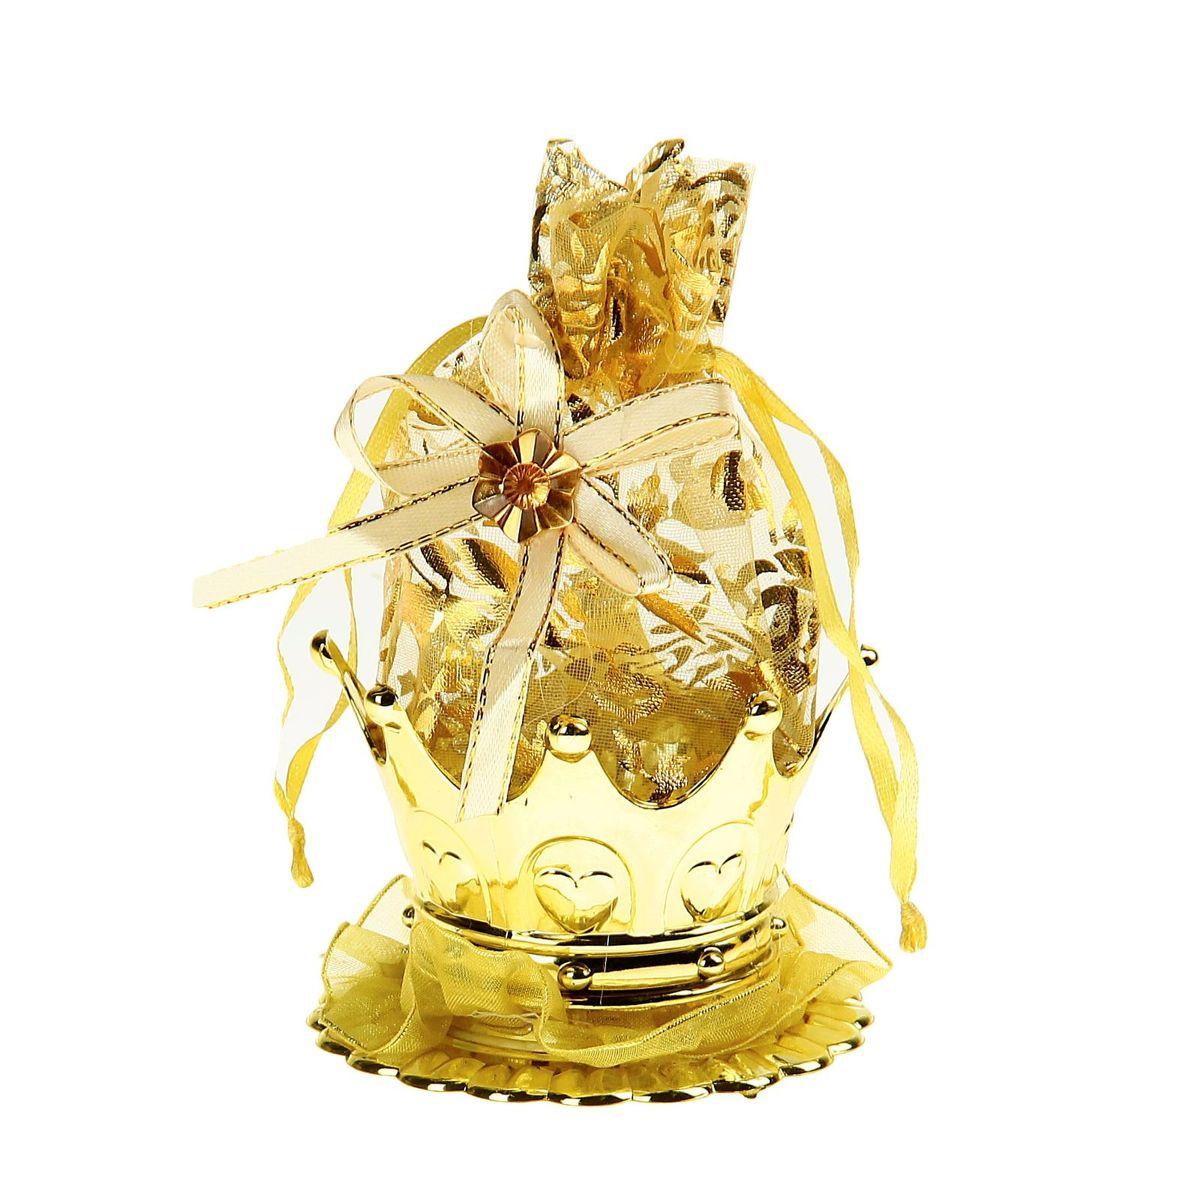 Бонбоньерка Sima-land Корона, цвет: золото, 7 x 7 x 14 см кармашки на стену sima land приятные мелочи цвет салатовый розовый бордовый 5 шт